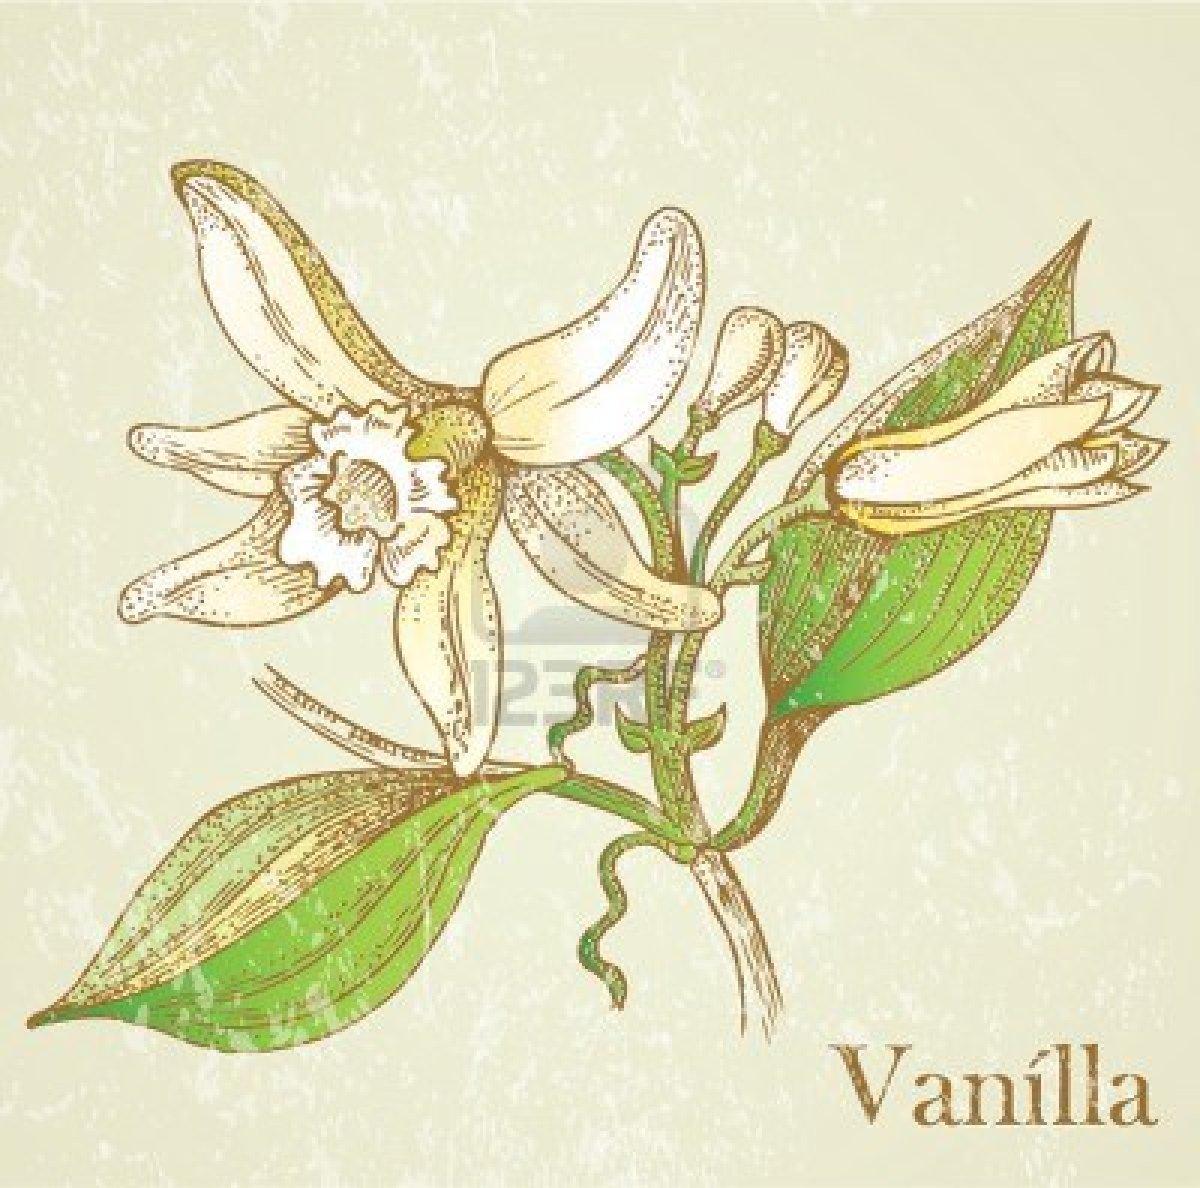 1200x1188 Vanilla Drawing Packaging Vanilla, Illustrations